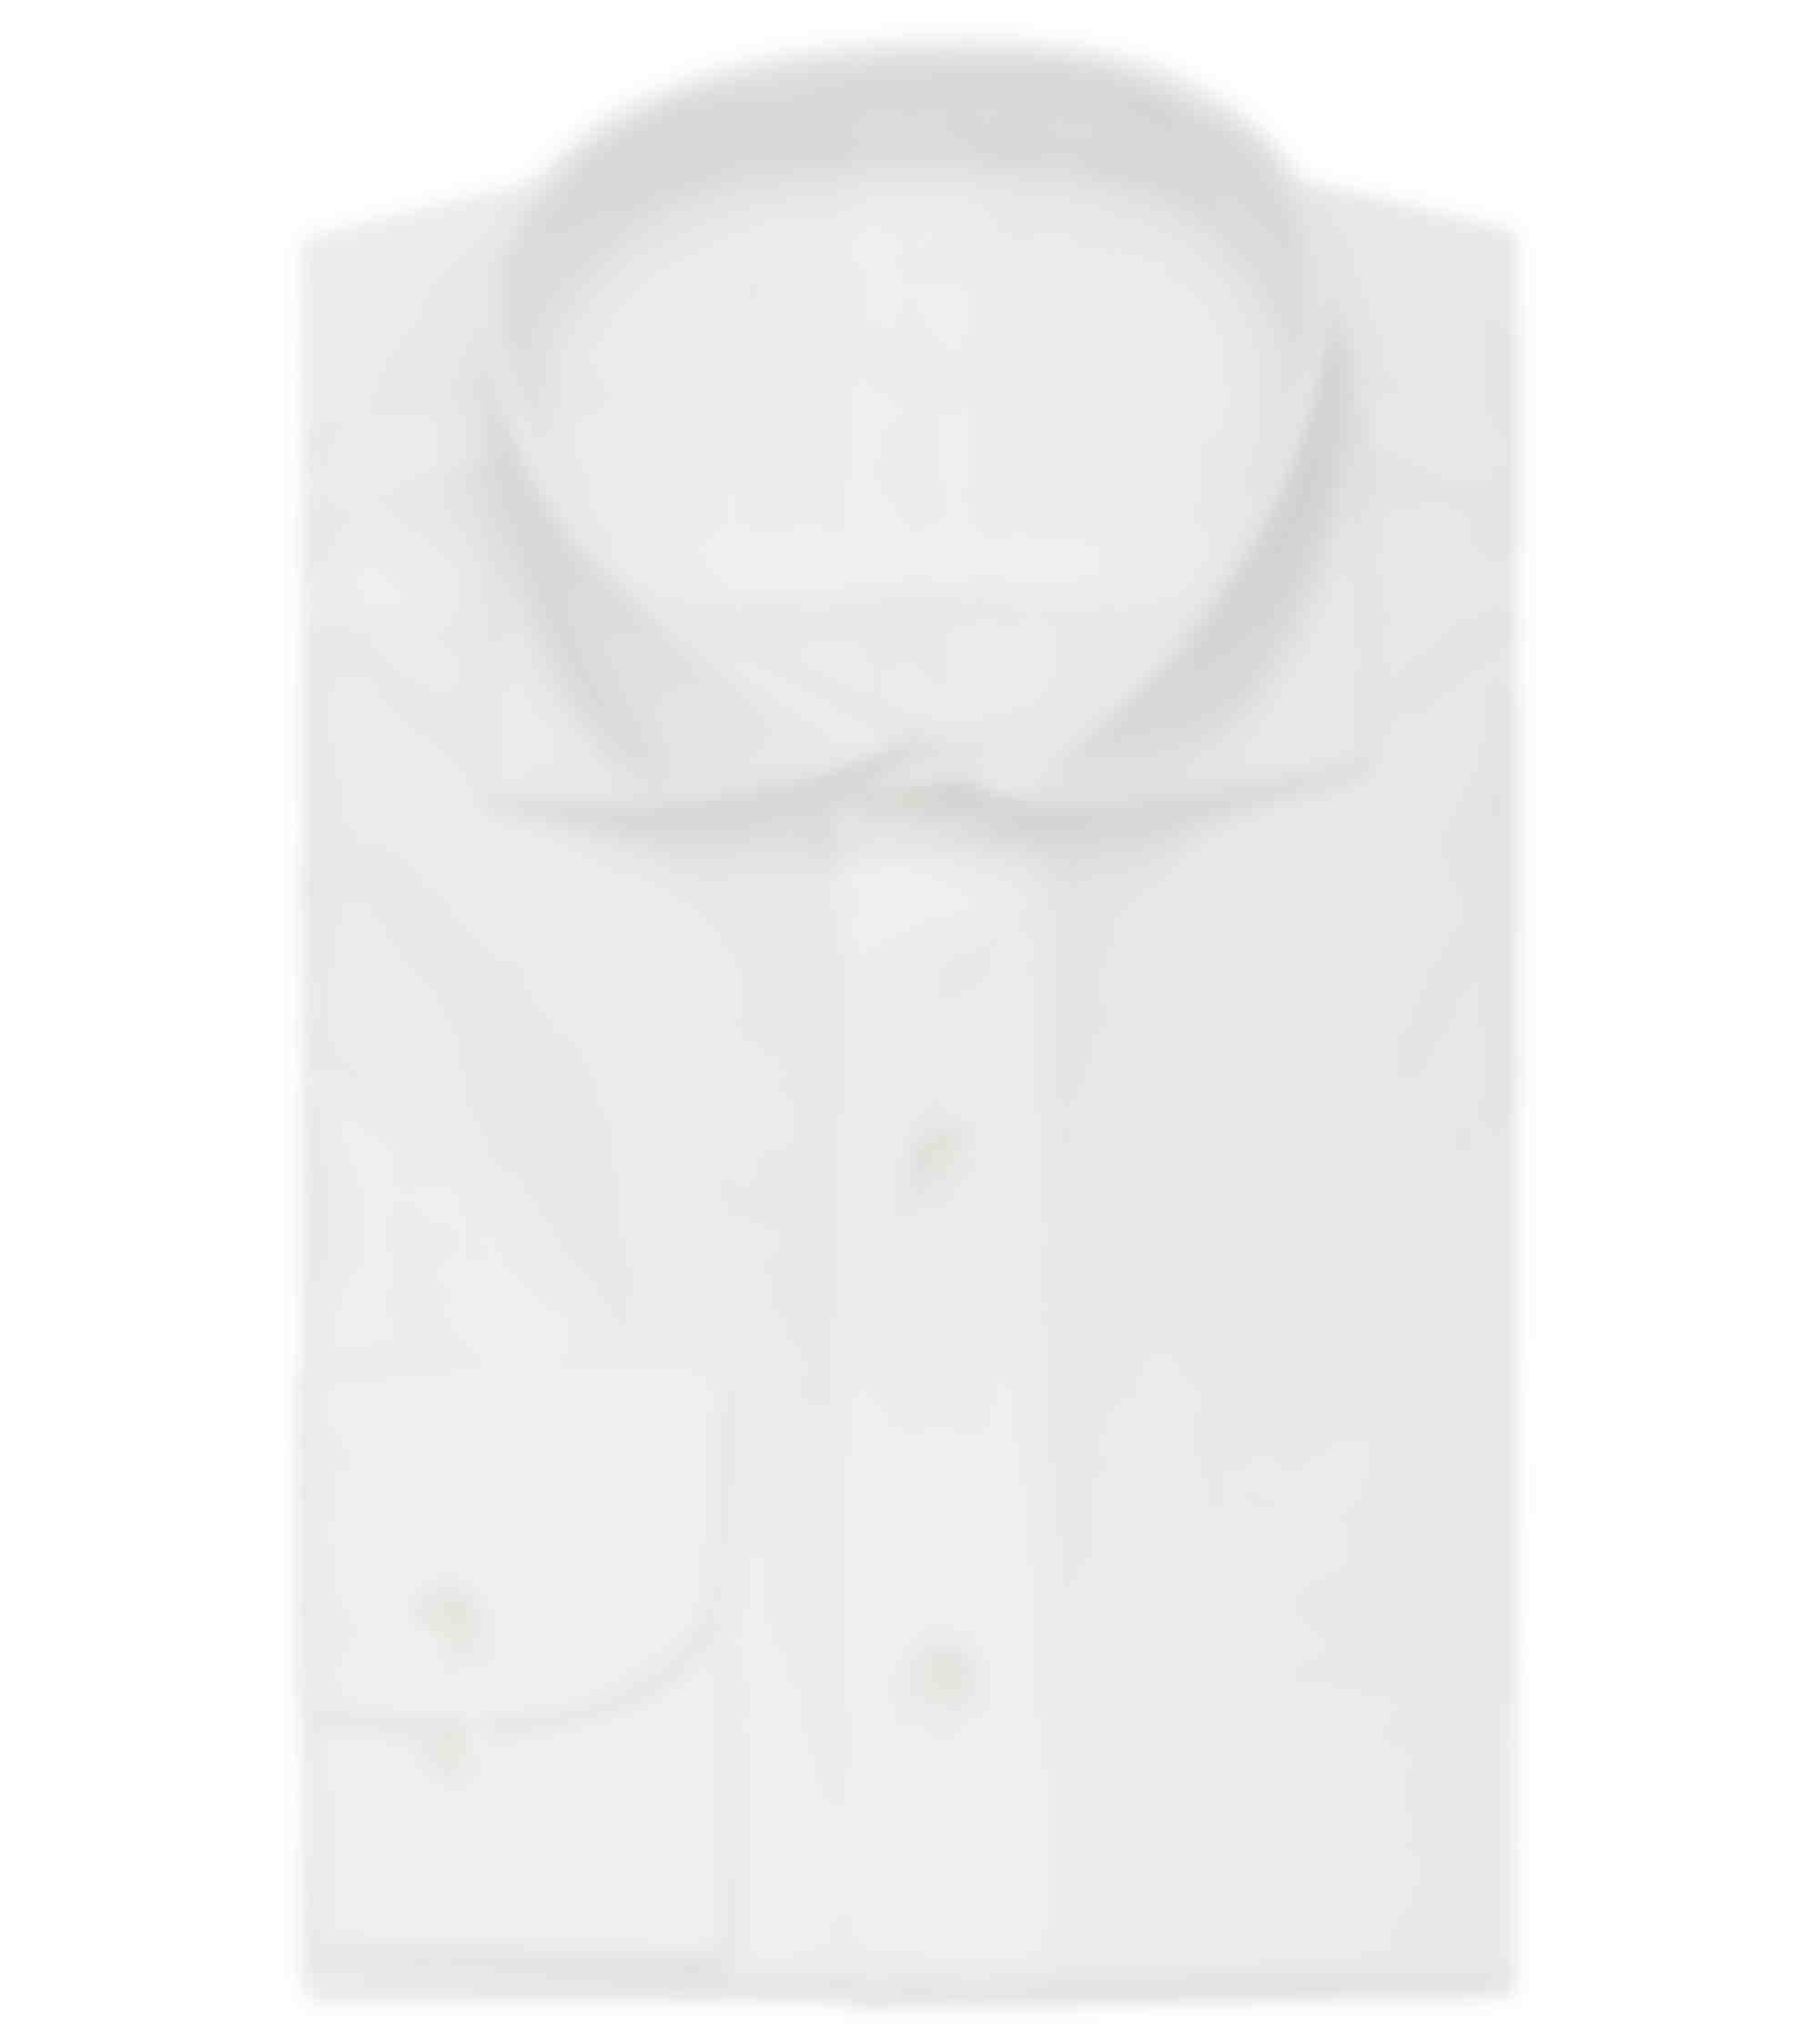 Chemise business oxford blanc sur mesure Thomas Mason de la boutique Atelier Mesure